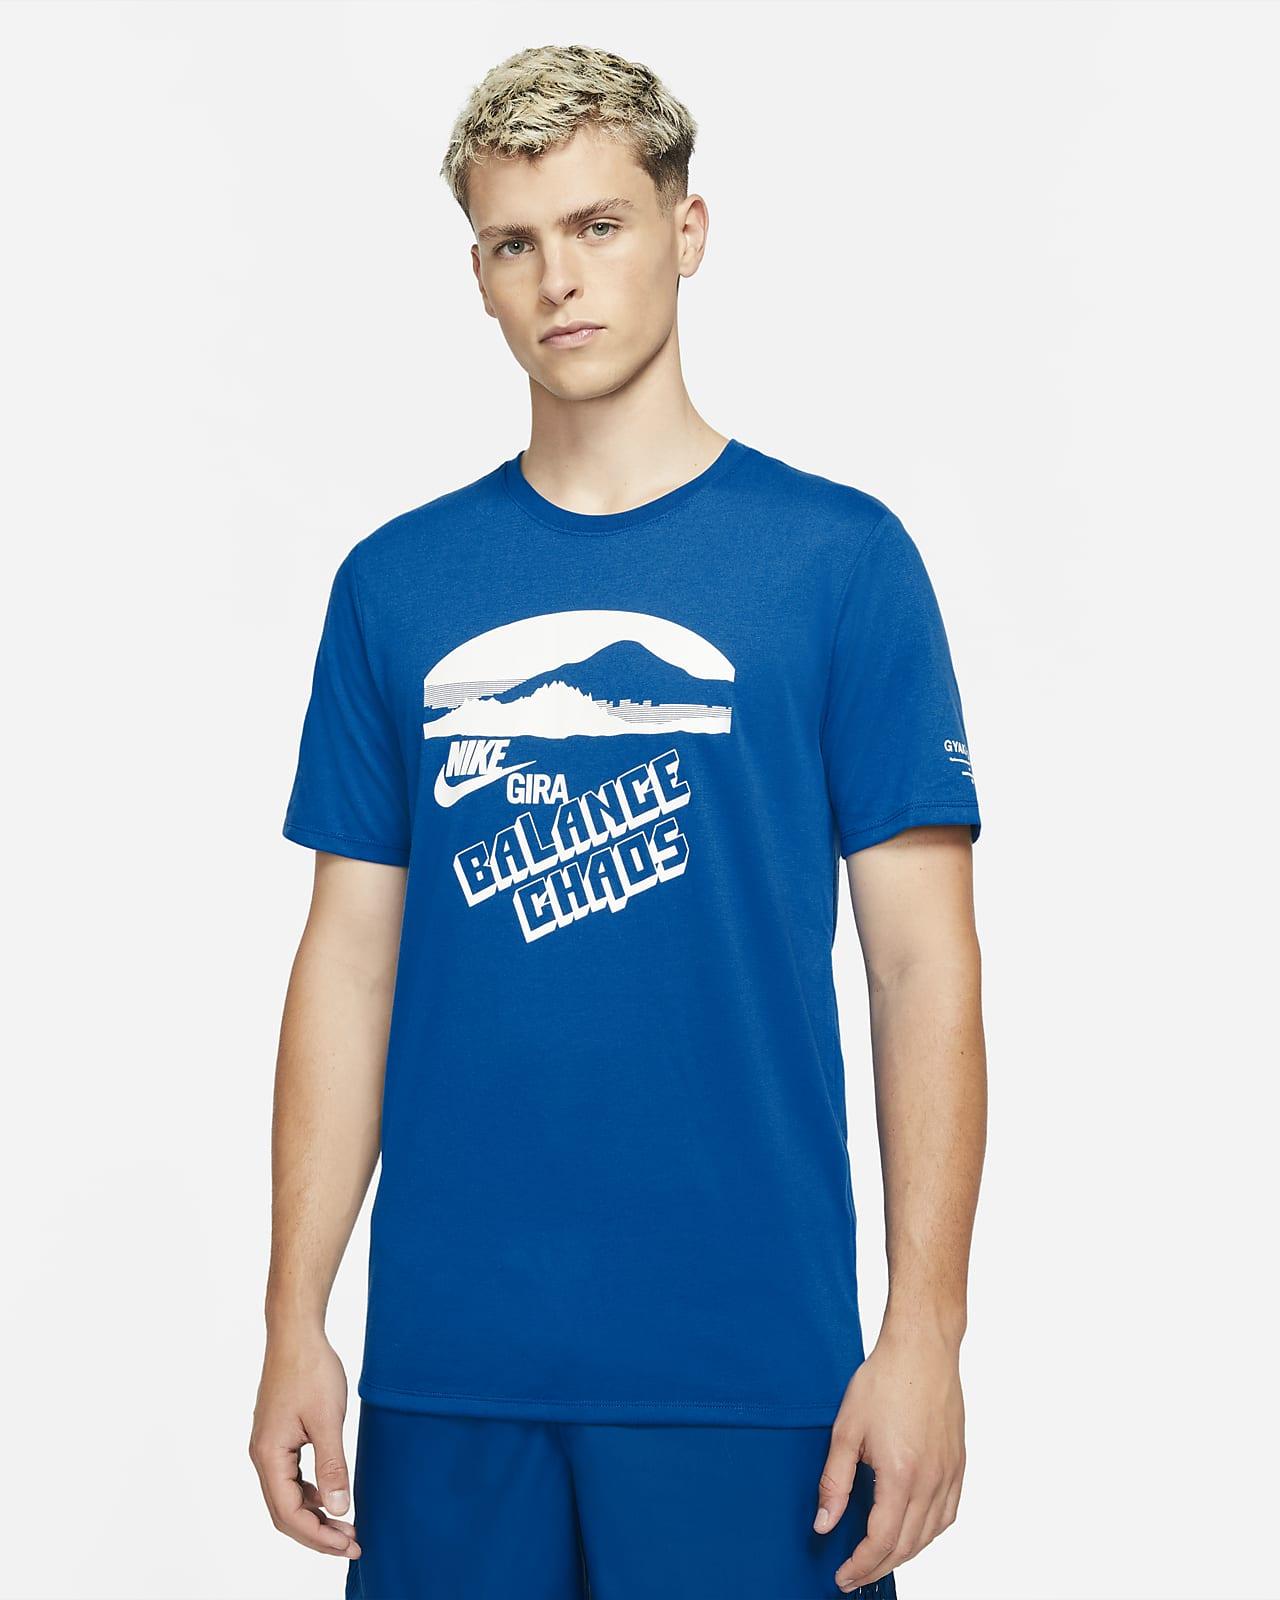 Nike x Gyakusou Men's T-Shirt